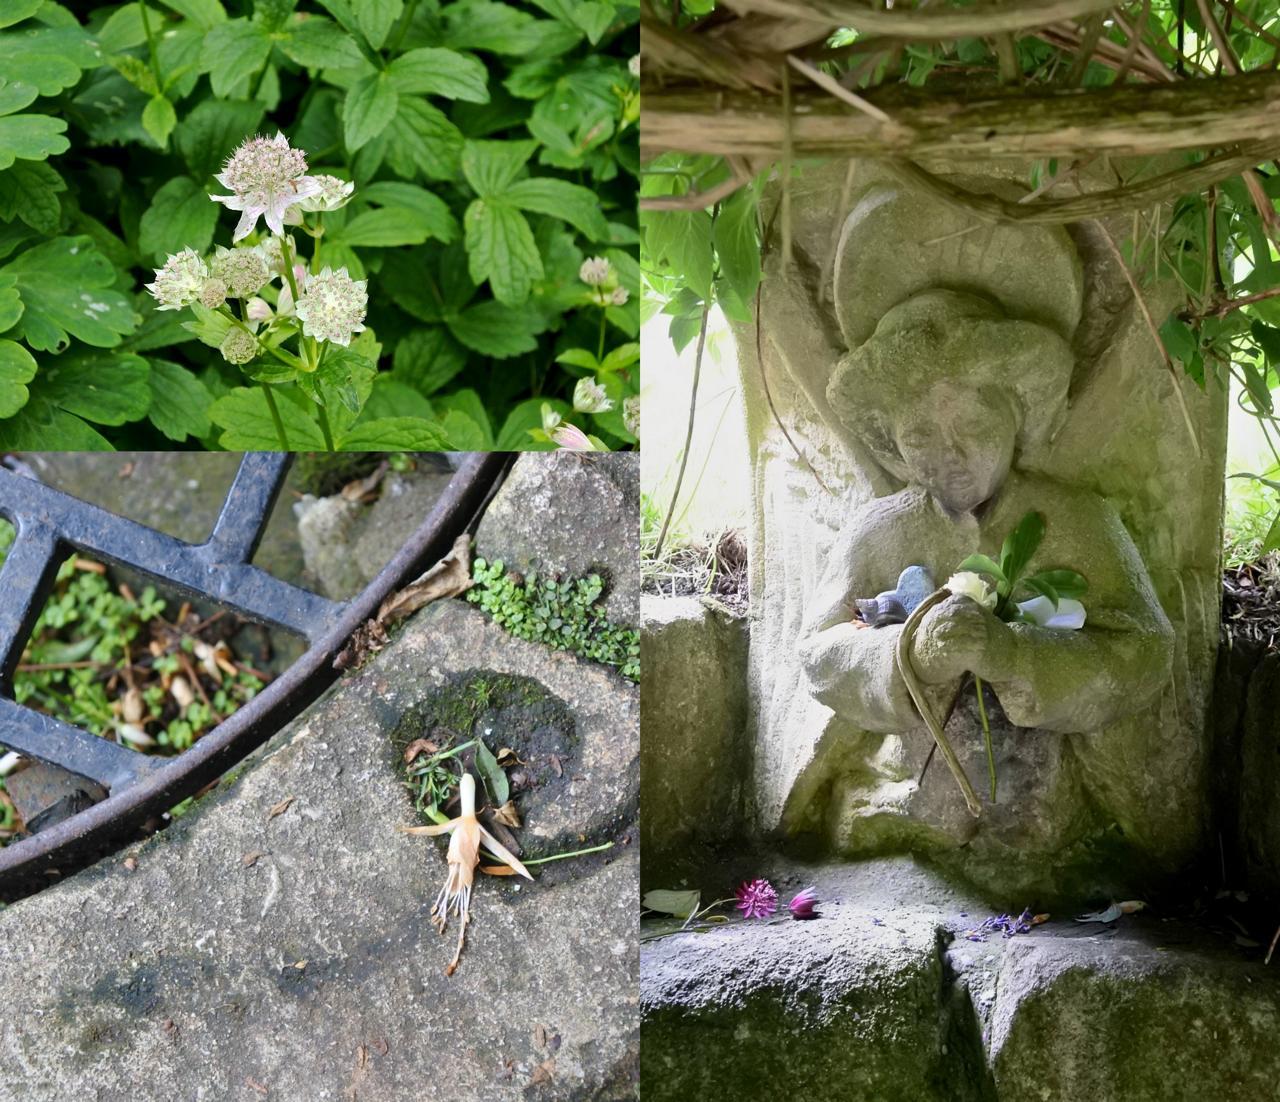 右は通称「天使のベンチ」と呼ばれる場所にある彫刻